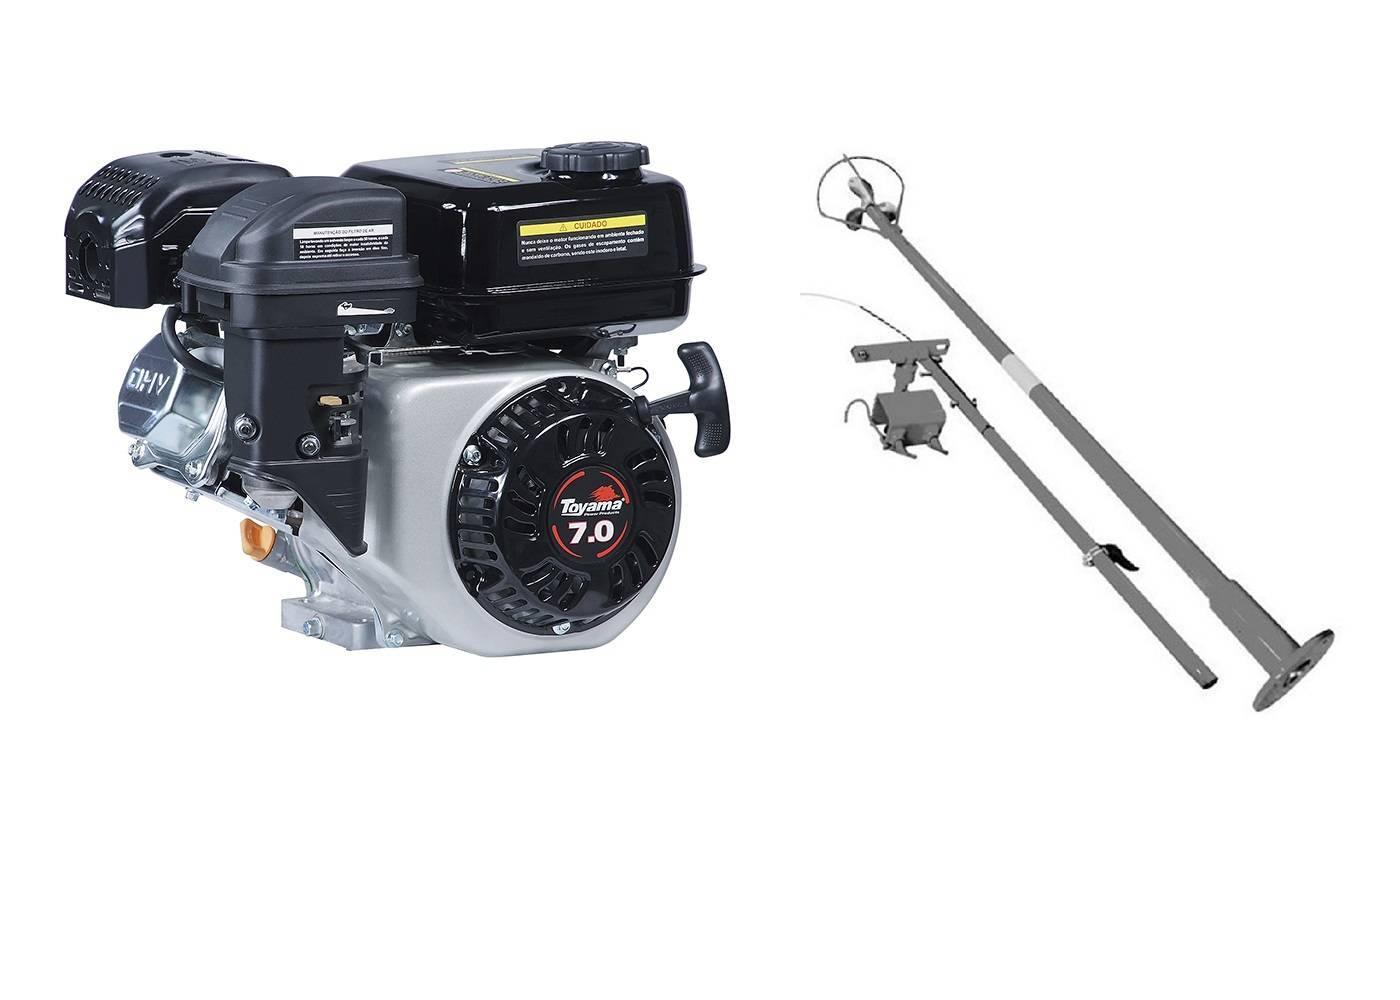 Motor Gasolina Toyama 7 hp rabeta original 1,7m - Pesca e Campo